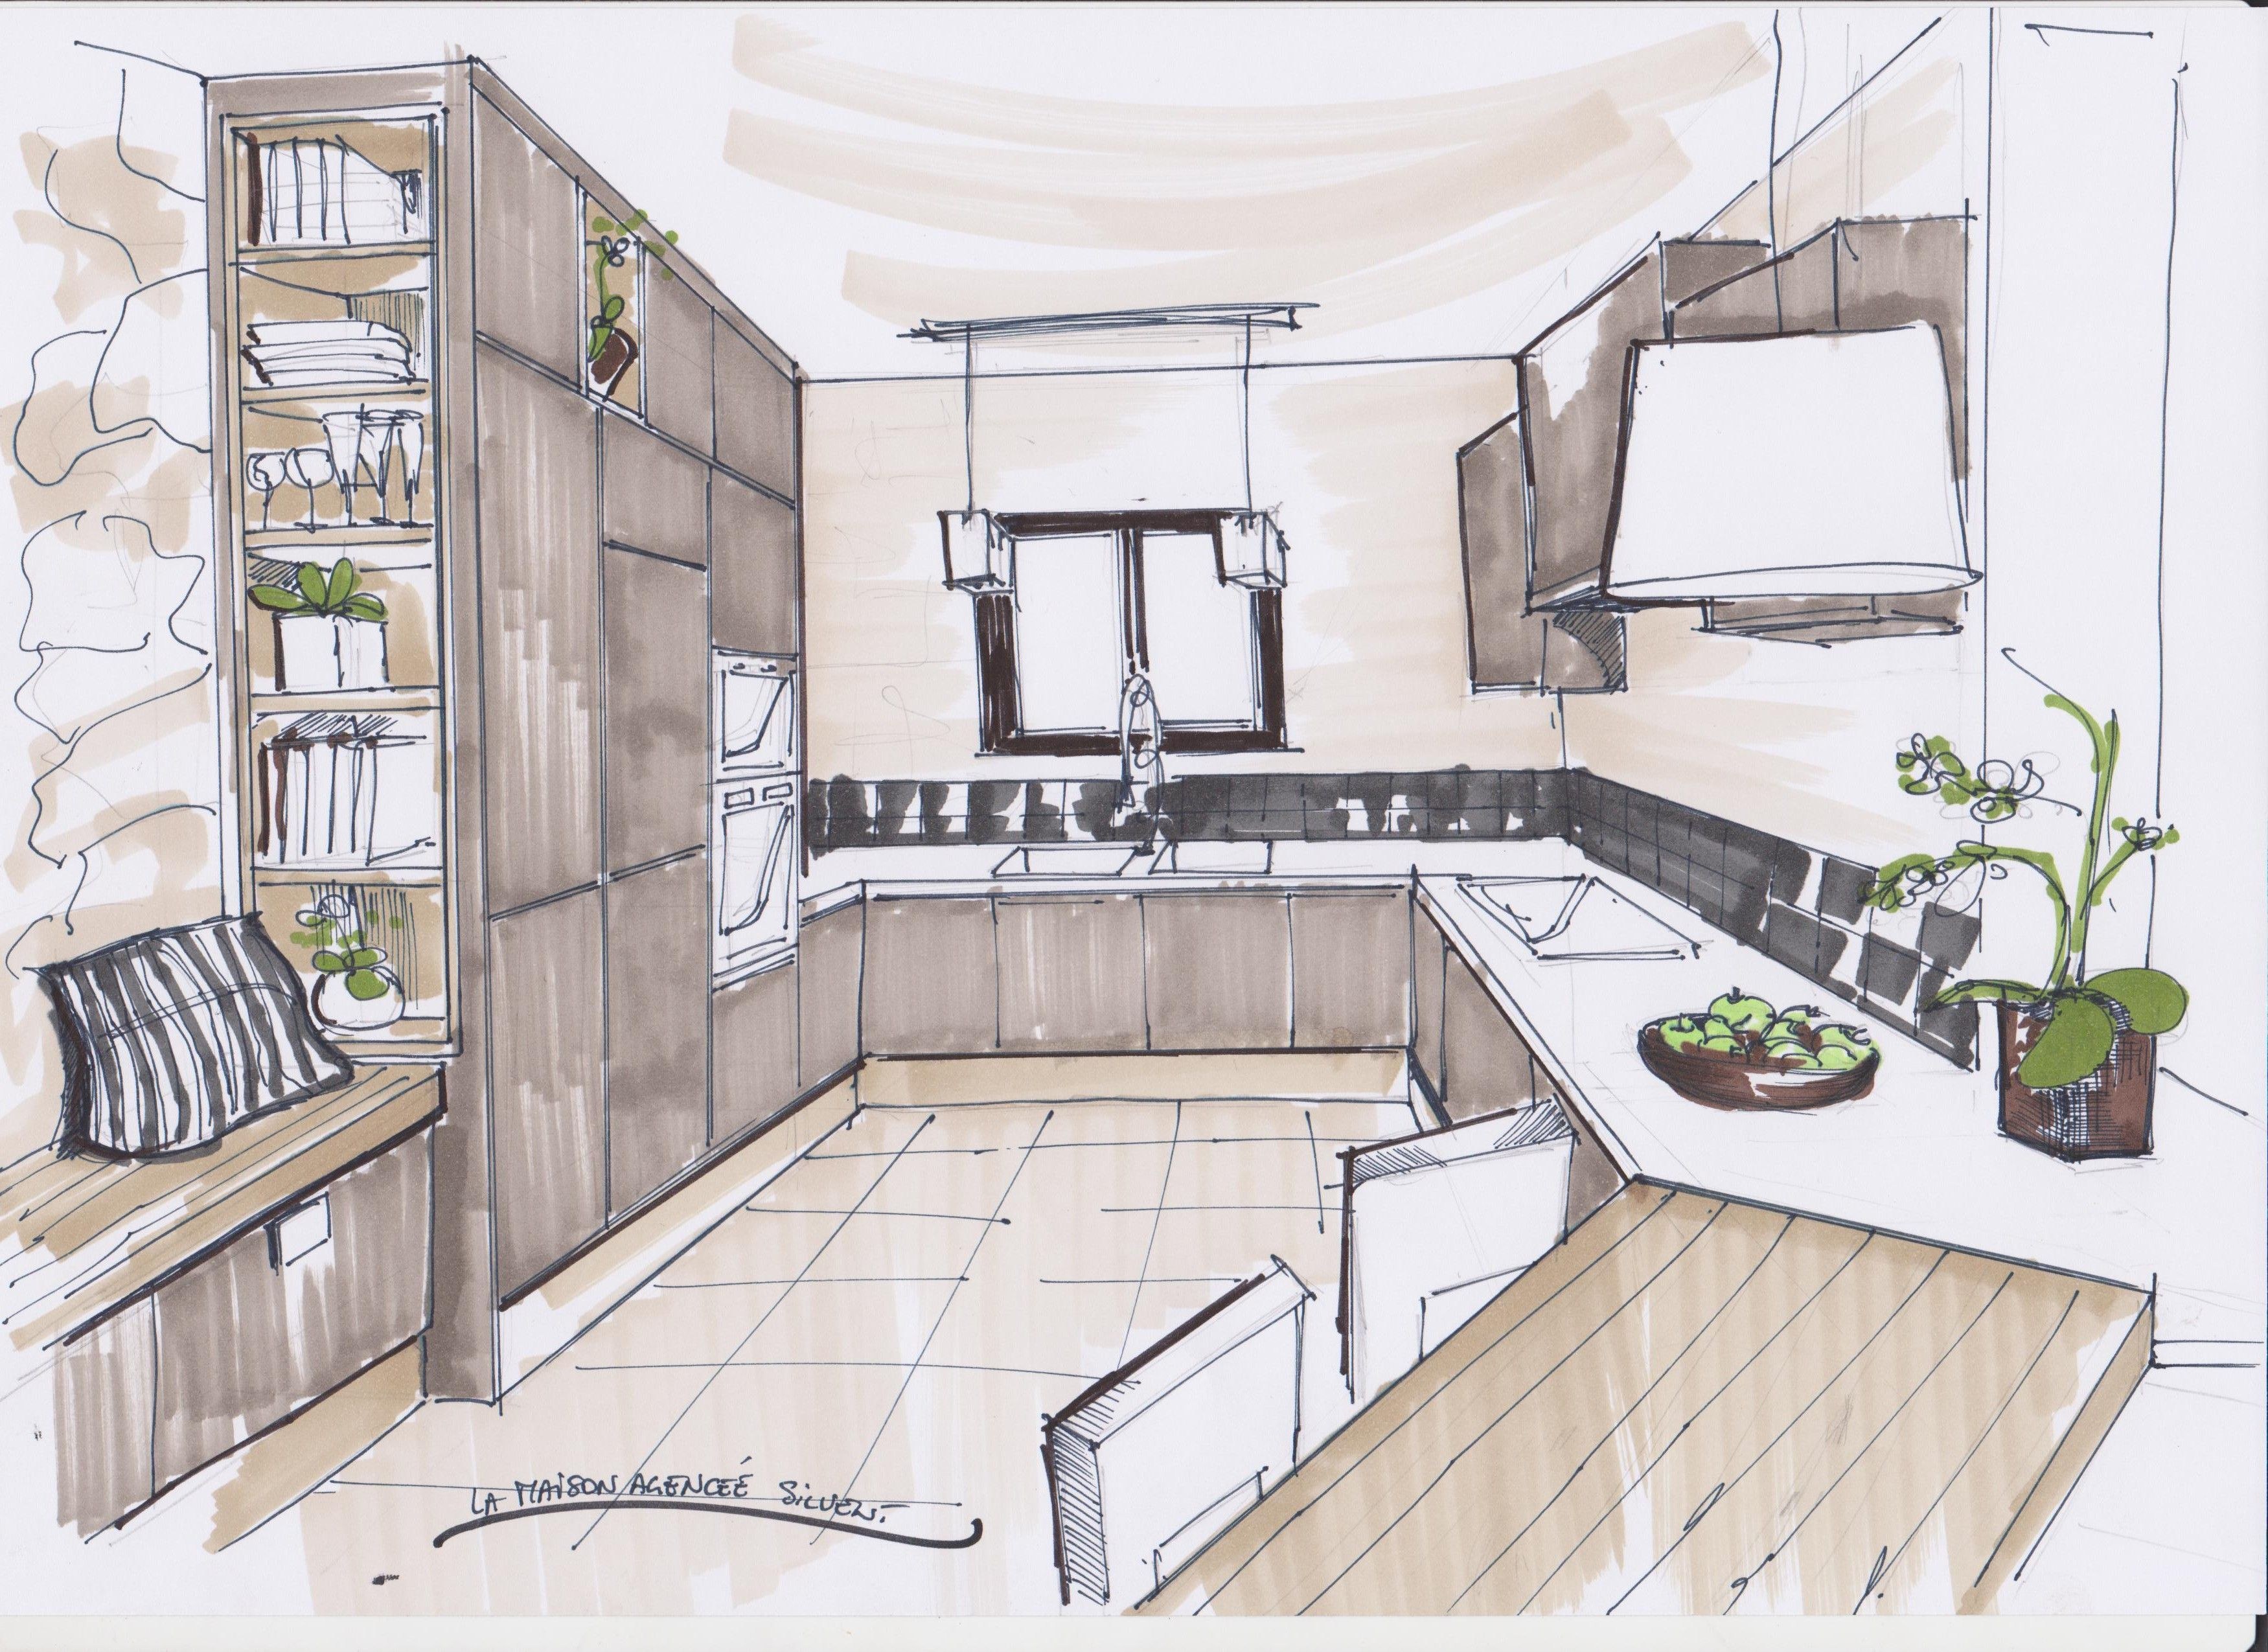 croquis cuisine croquis d 39 int rieur pinterest. Black Bedroom Furniture Sets. Home Design Ideas